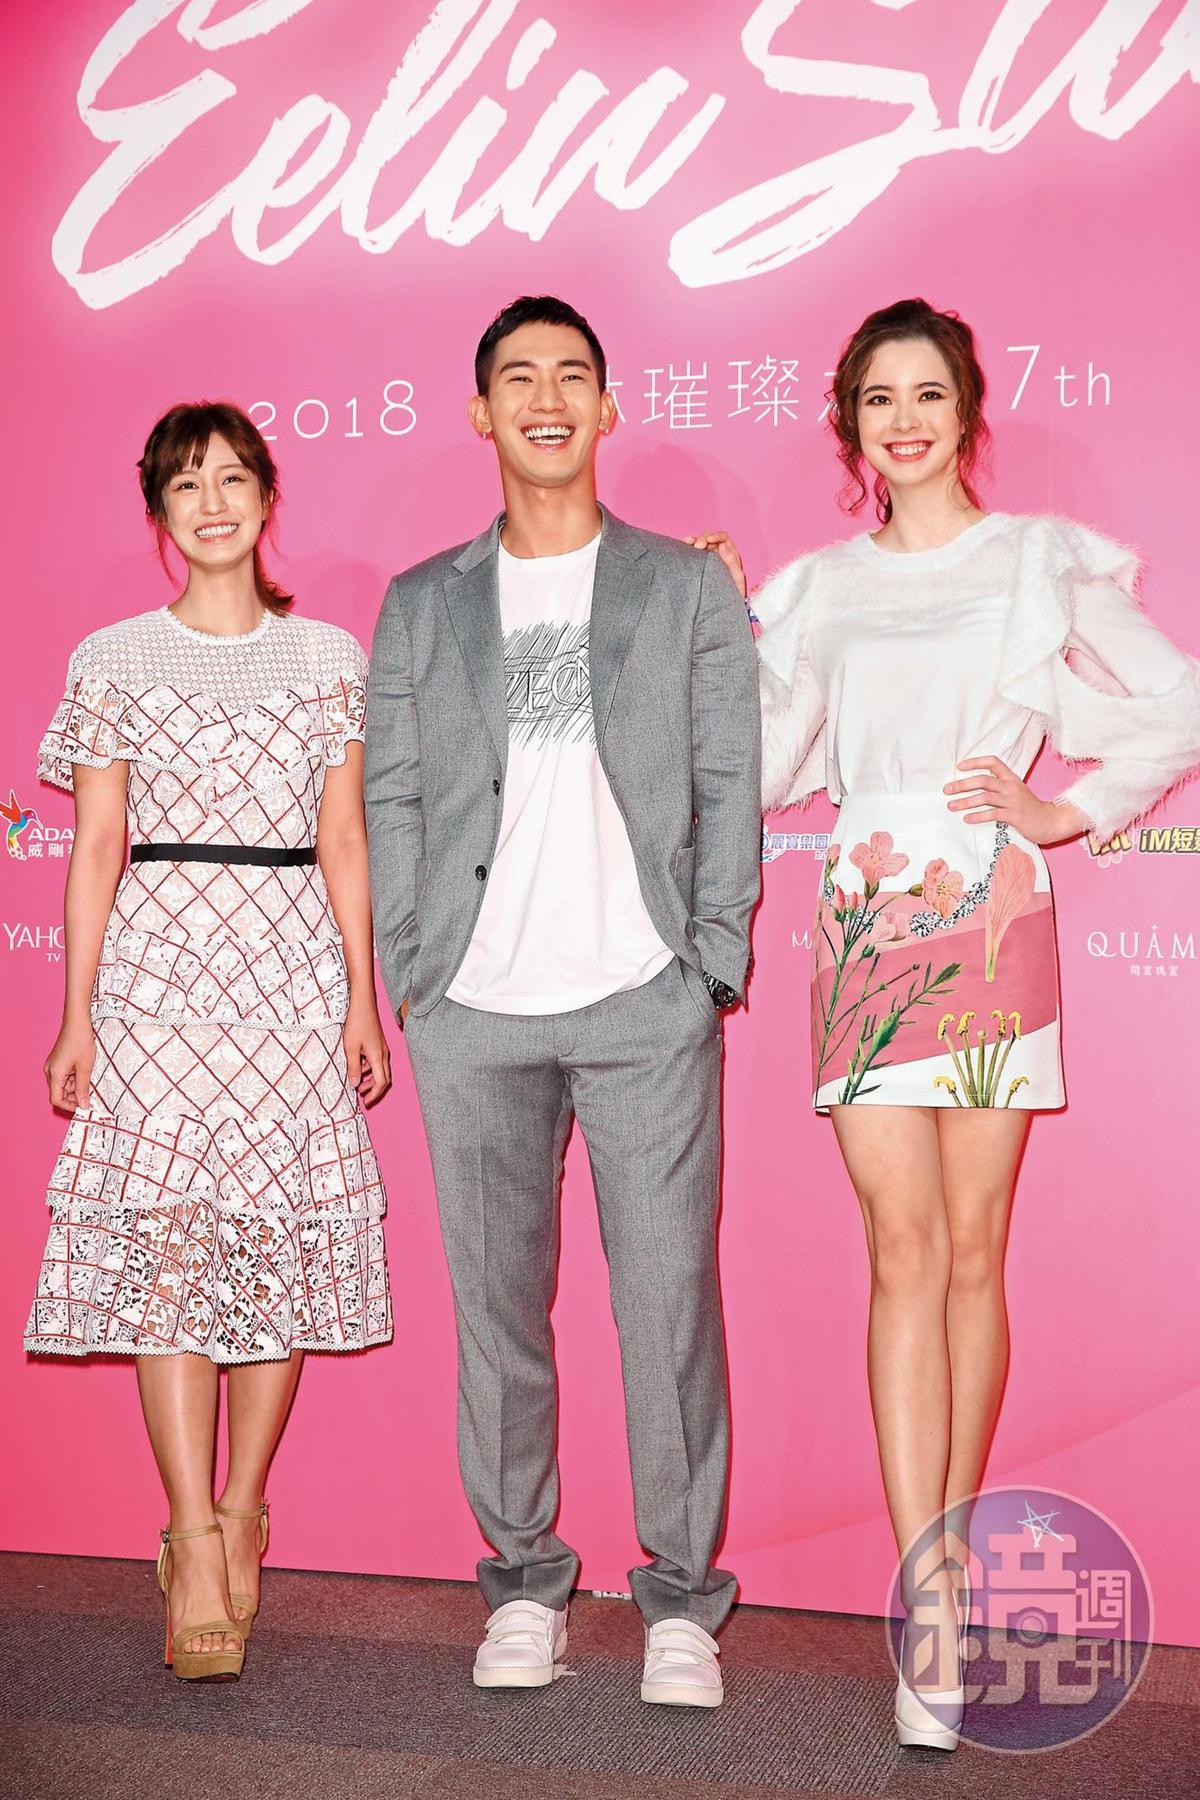 伊林娛樂近兩年力捧的小旦小生包括金凱德(右起)、楊鎮、陳敬宣。